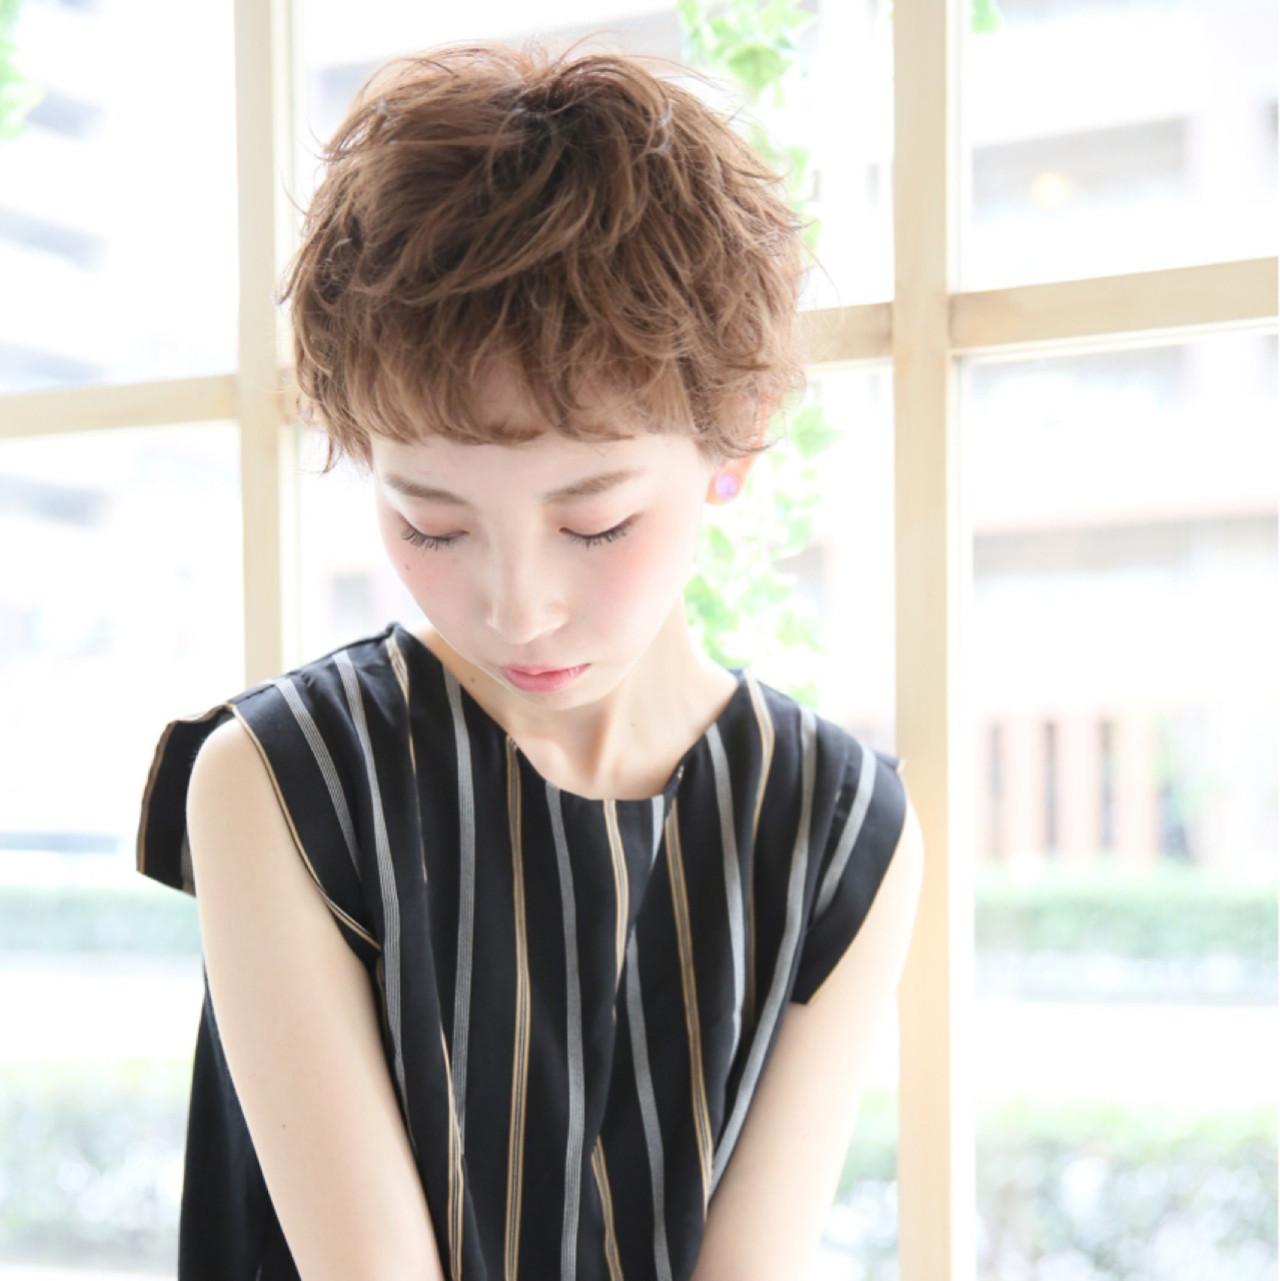 ベリーショート パーマ ショート 簡単 ヘアスタイルや髪型の写真・画像